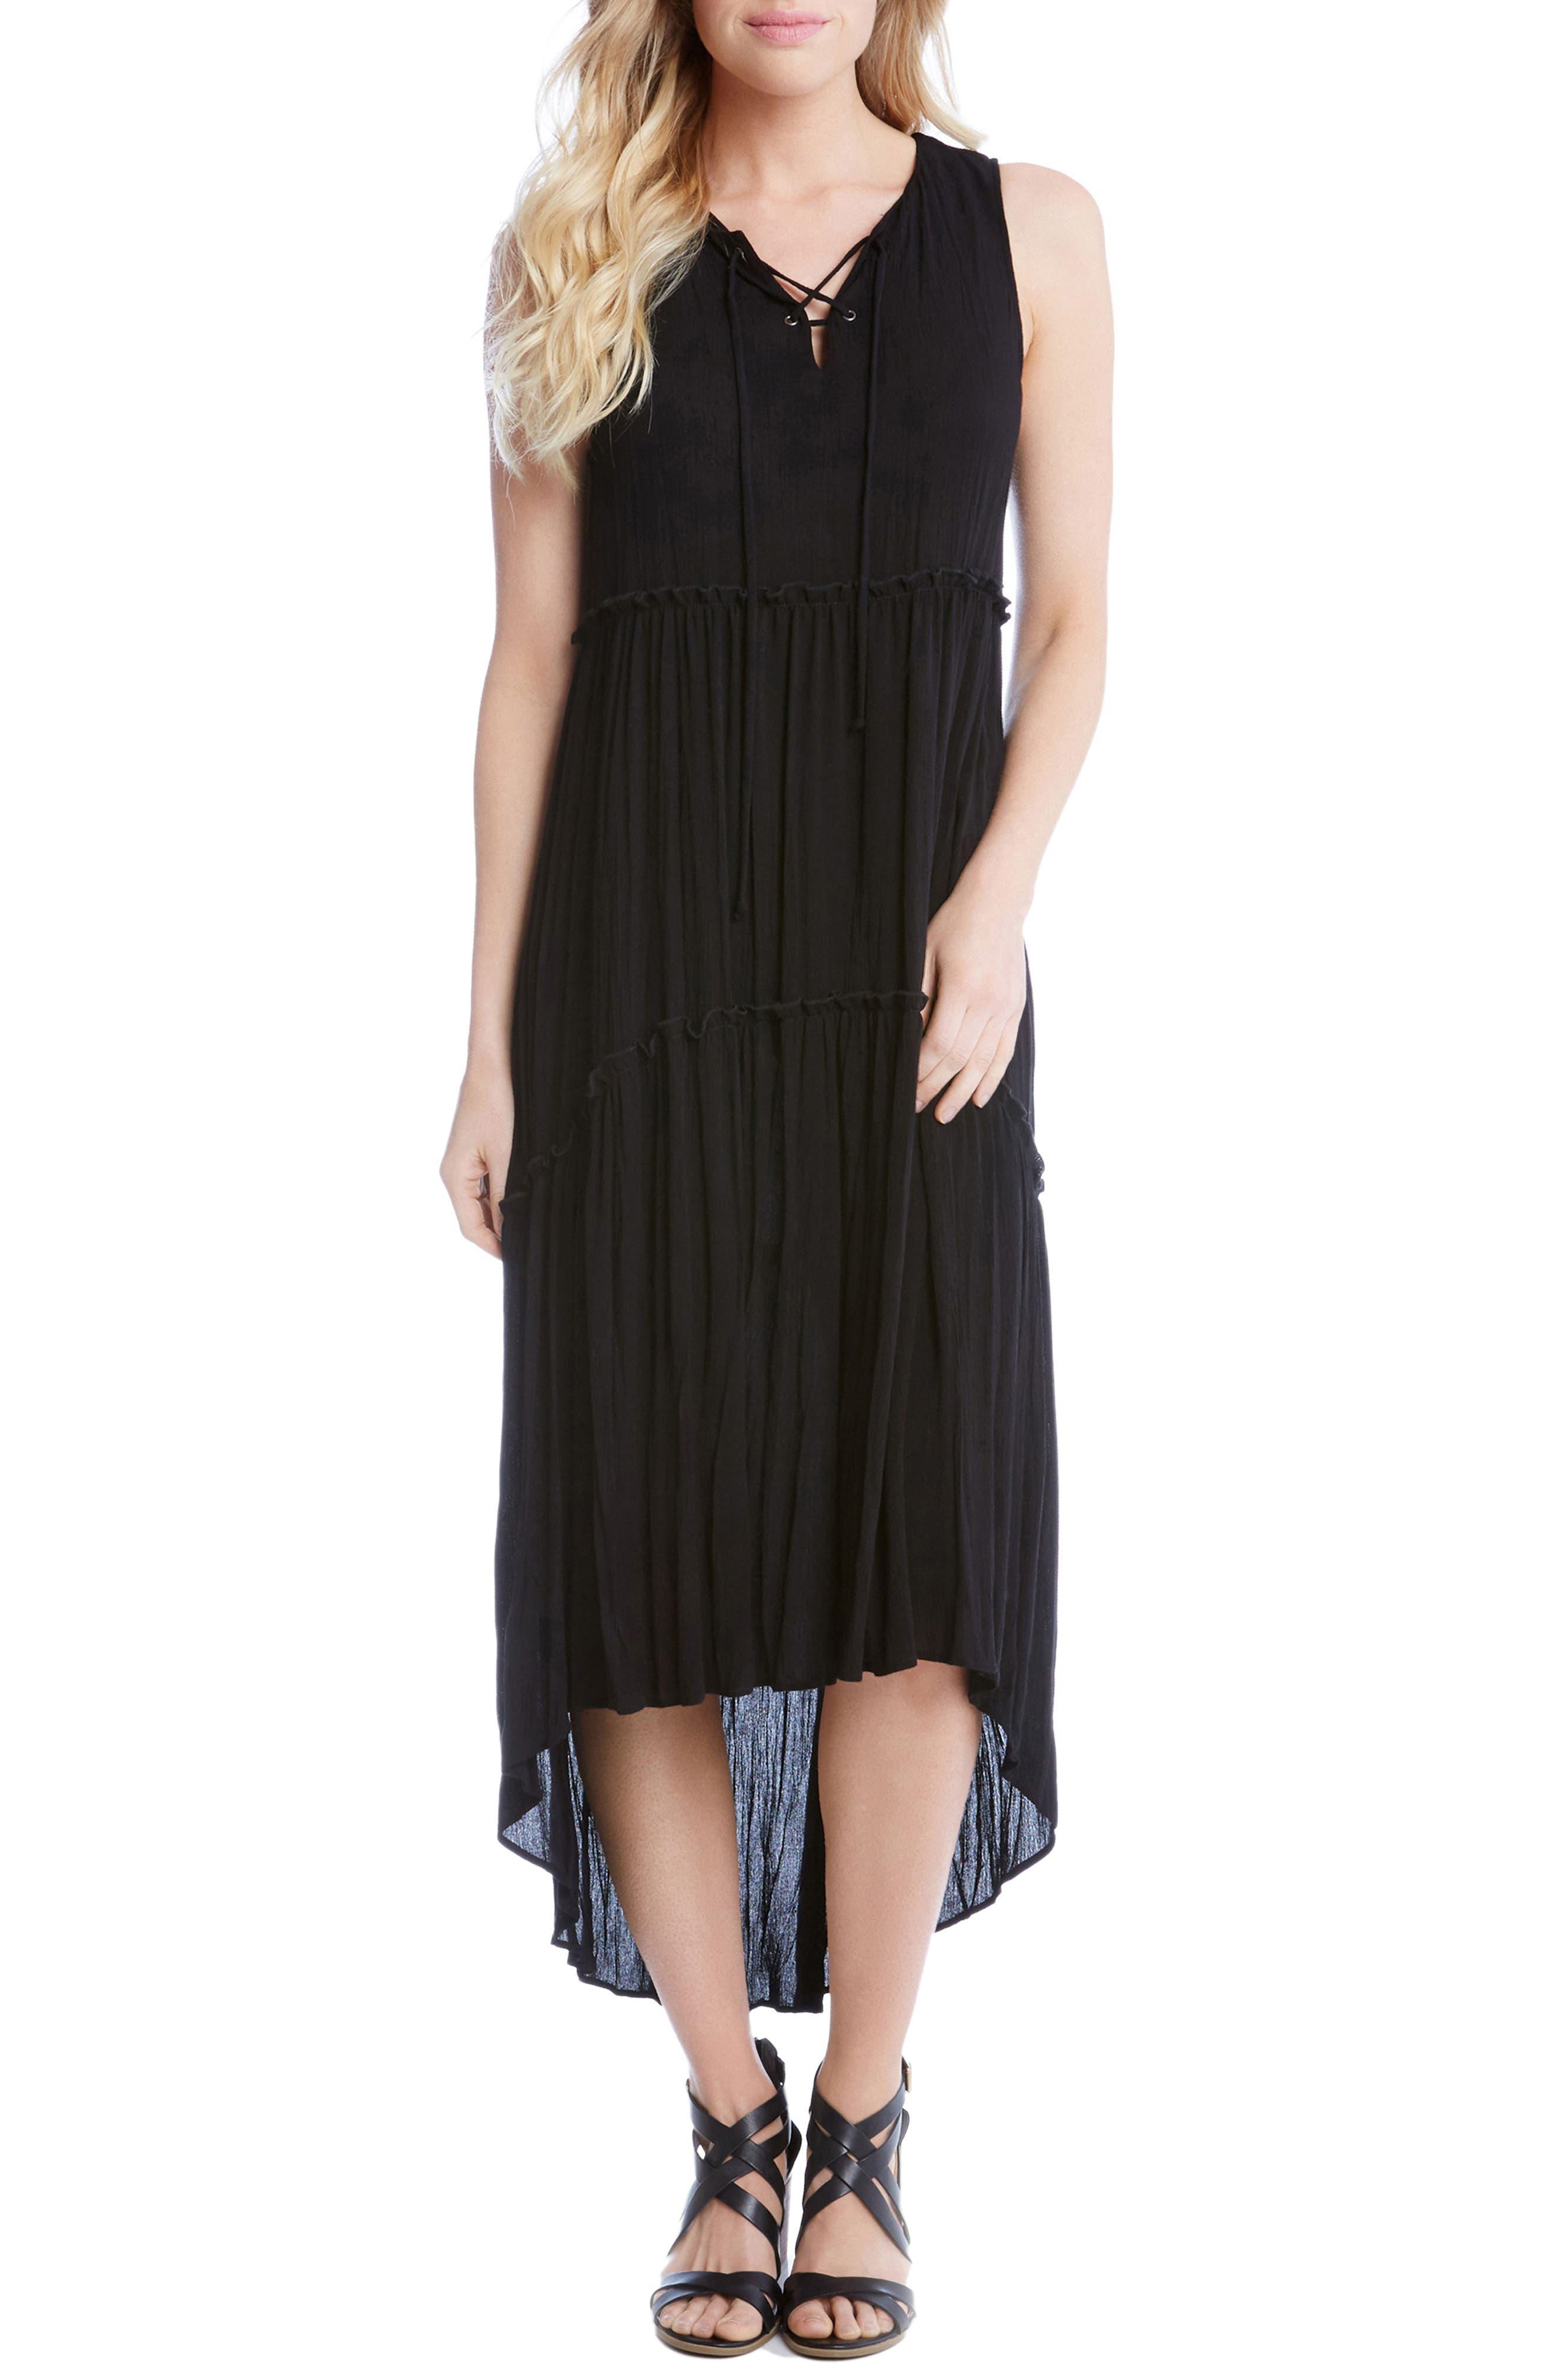 Main Image - Karen Kane Lace-Up Tiered High/Low Dress